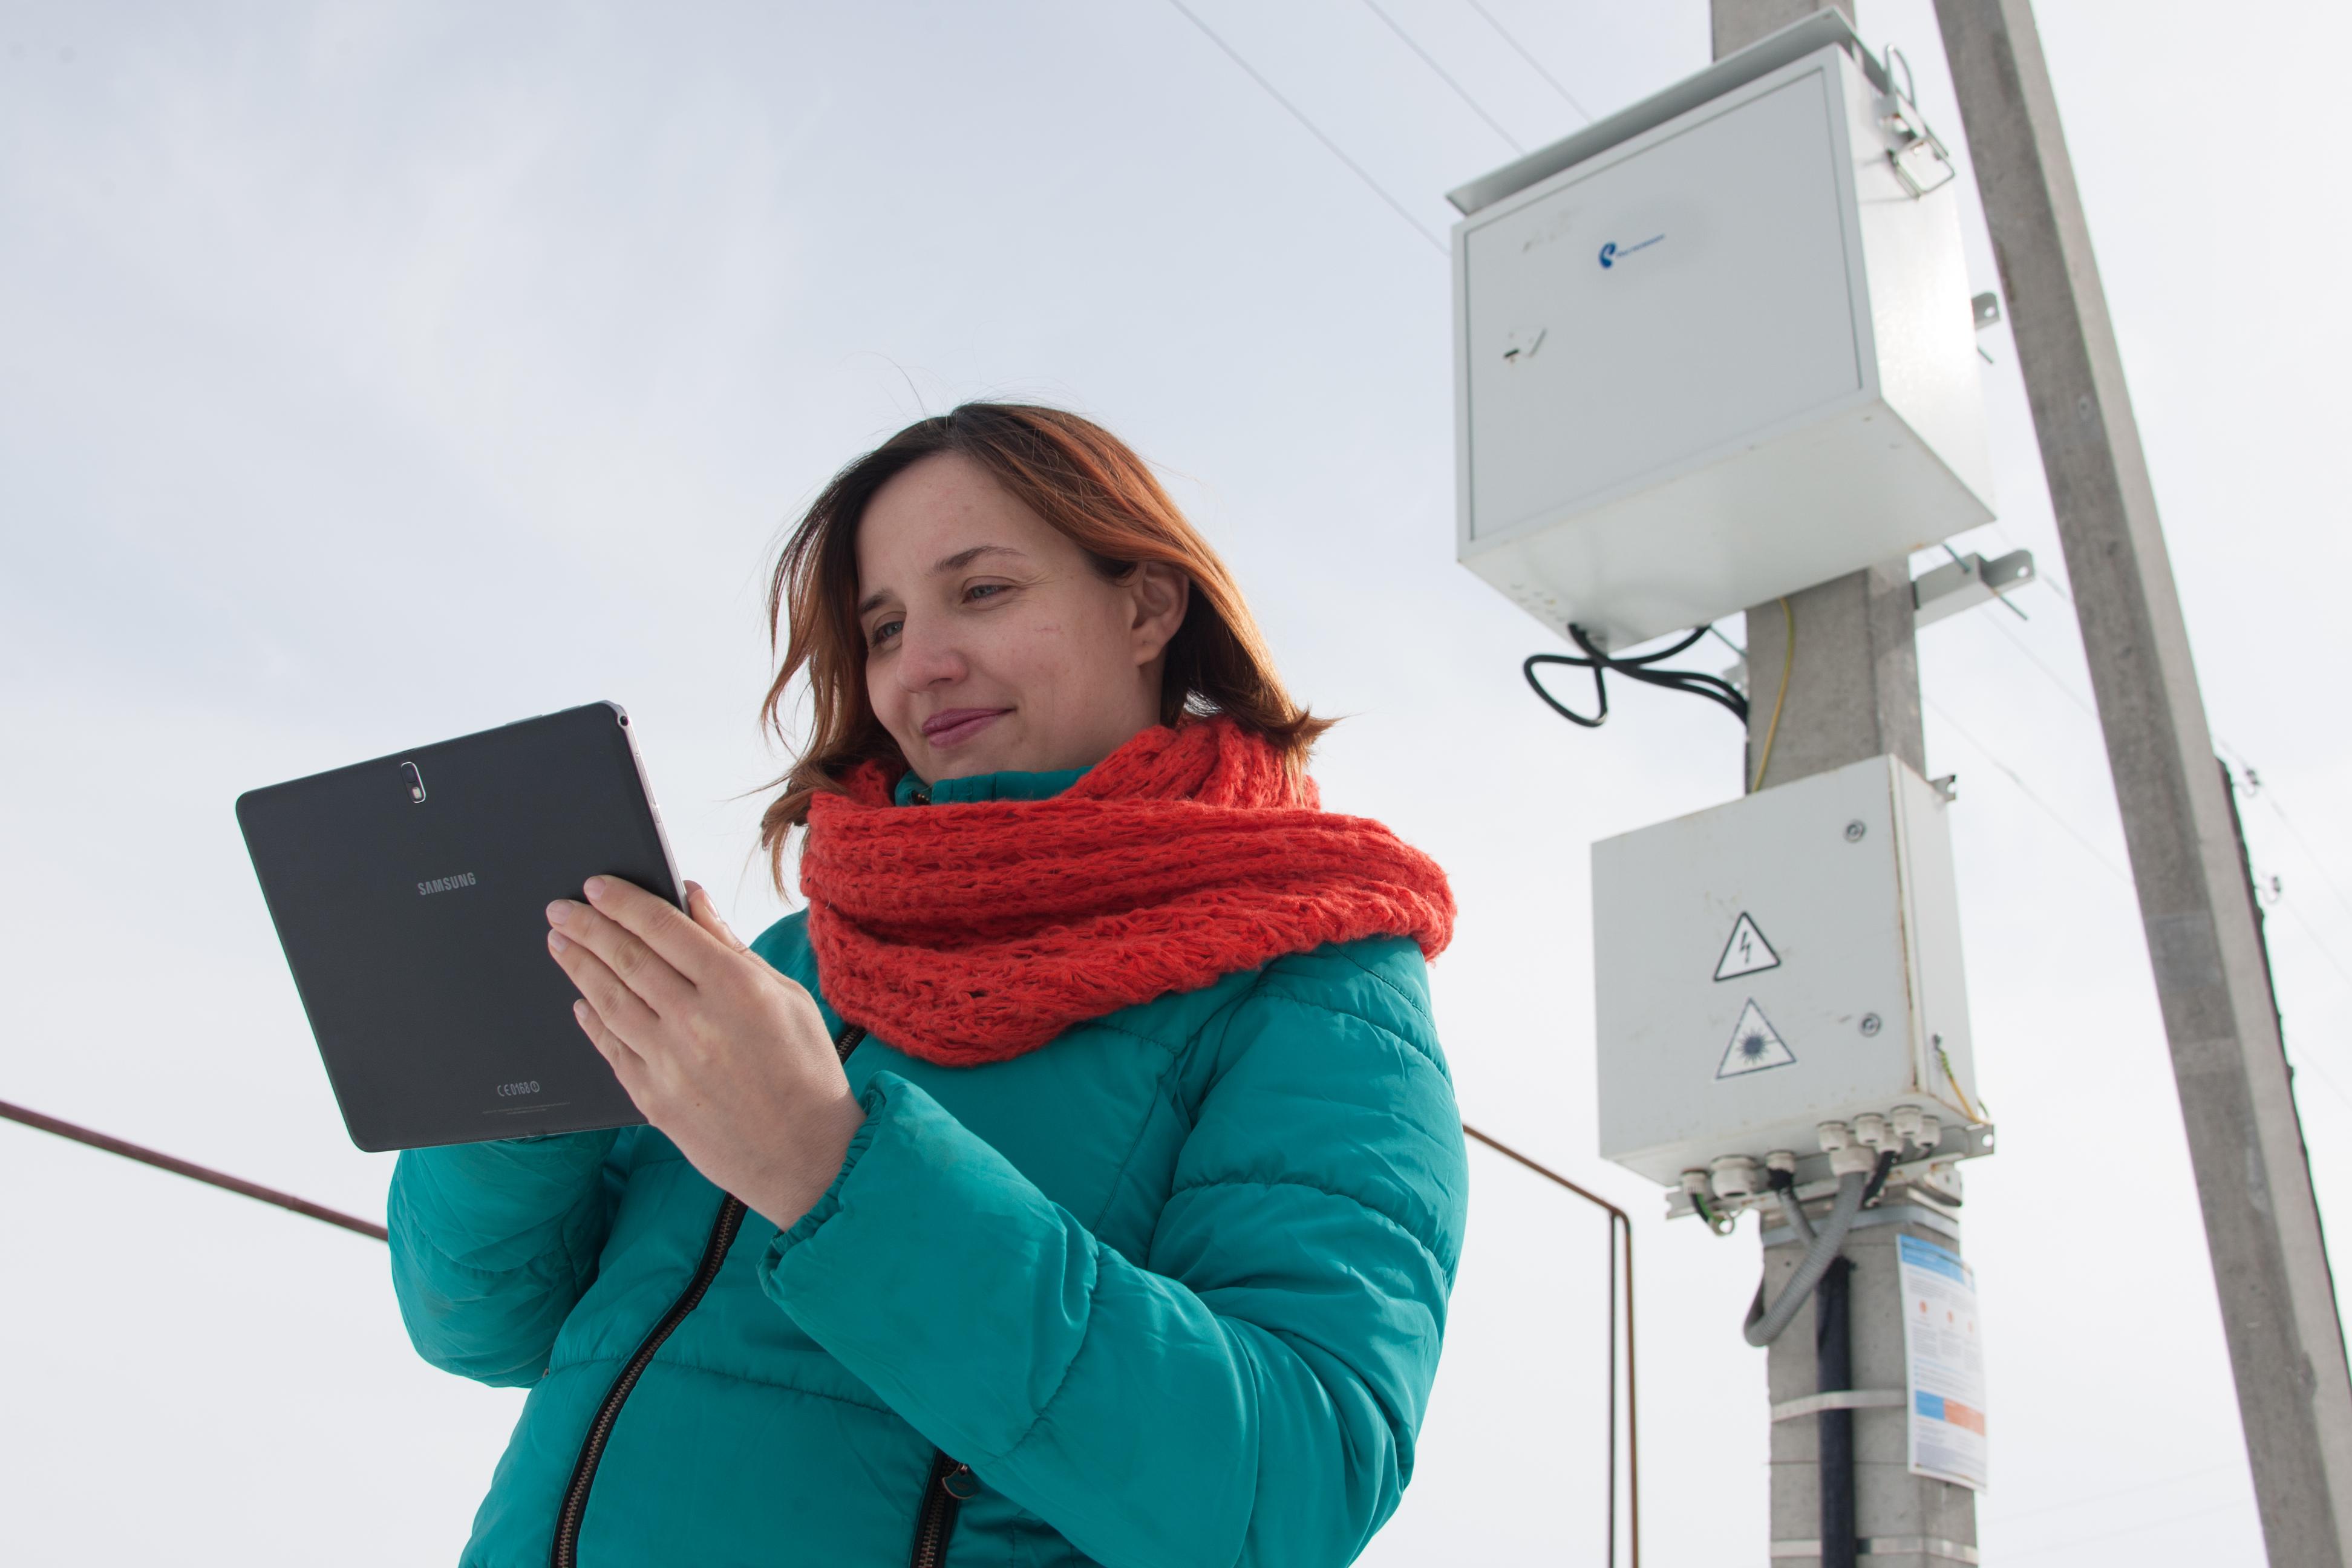 Жители 61 донского поселка получили доступ к скоростному мобильному интернету МТС